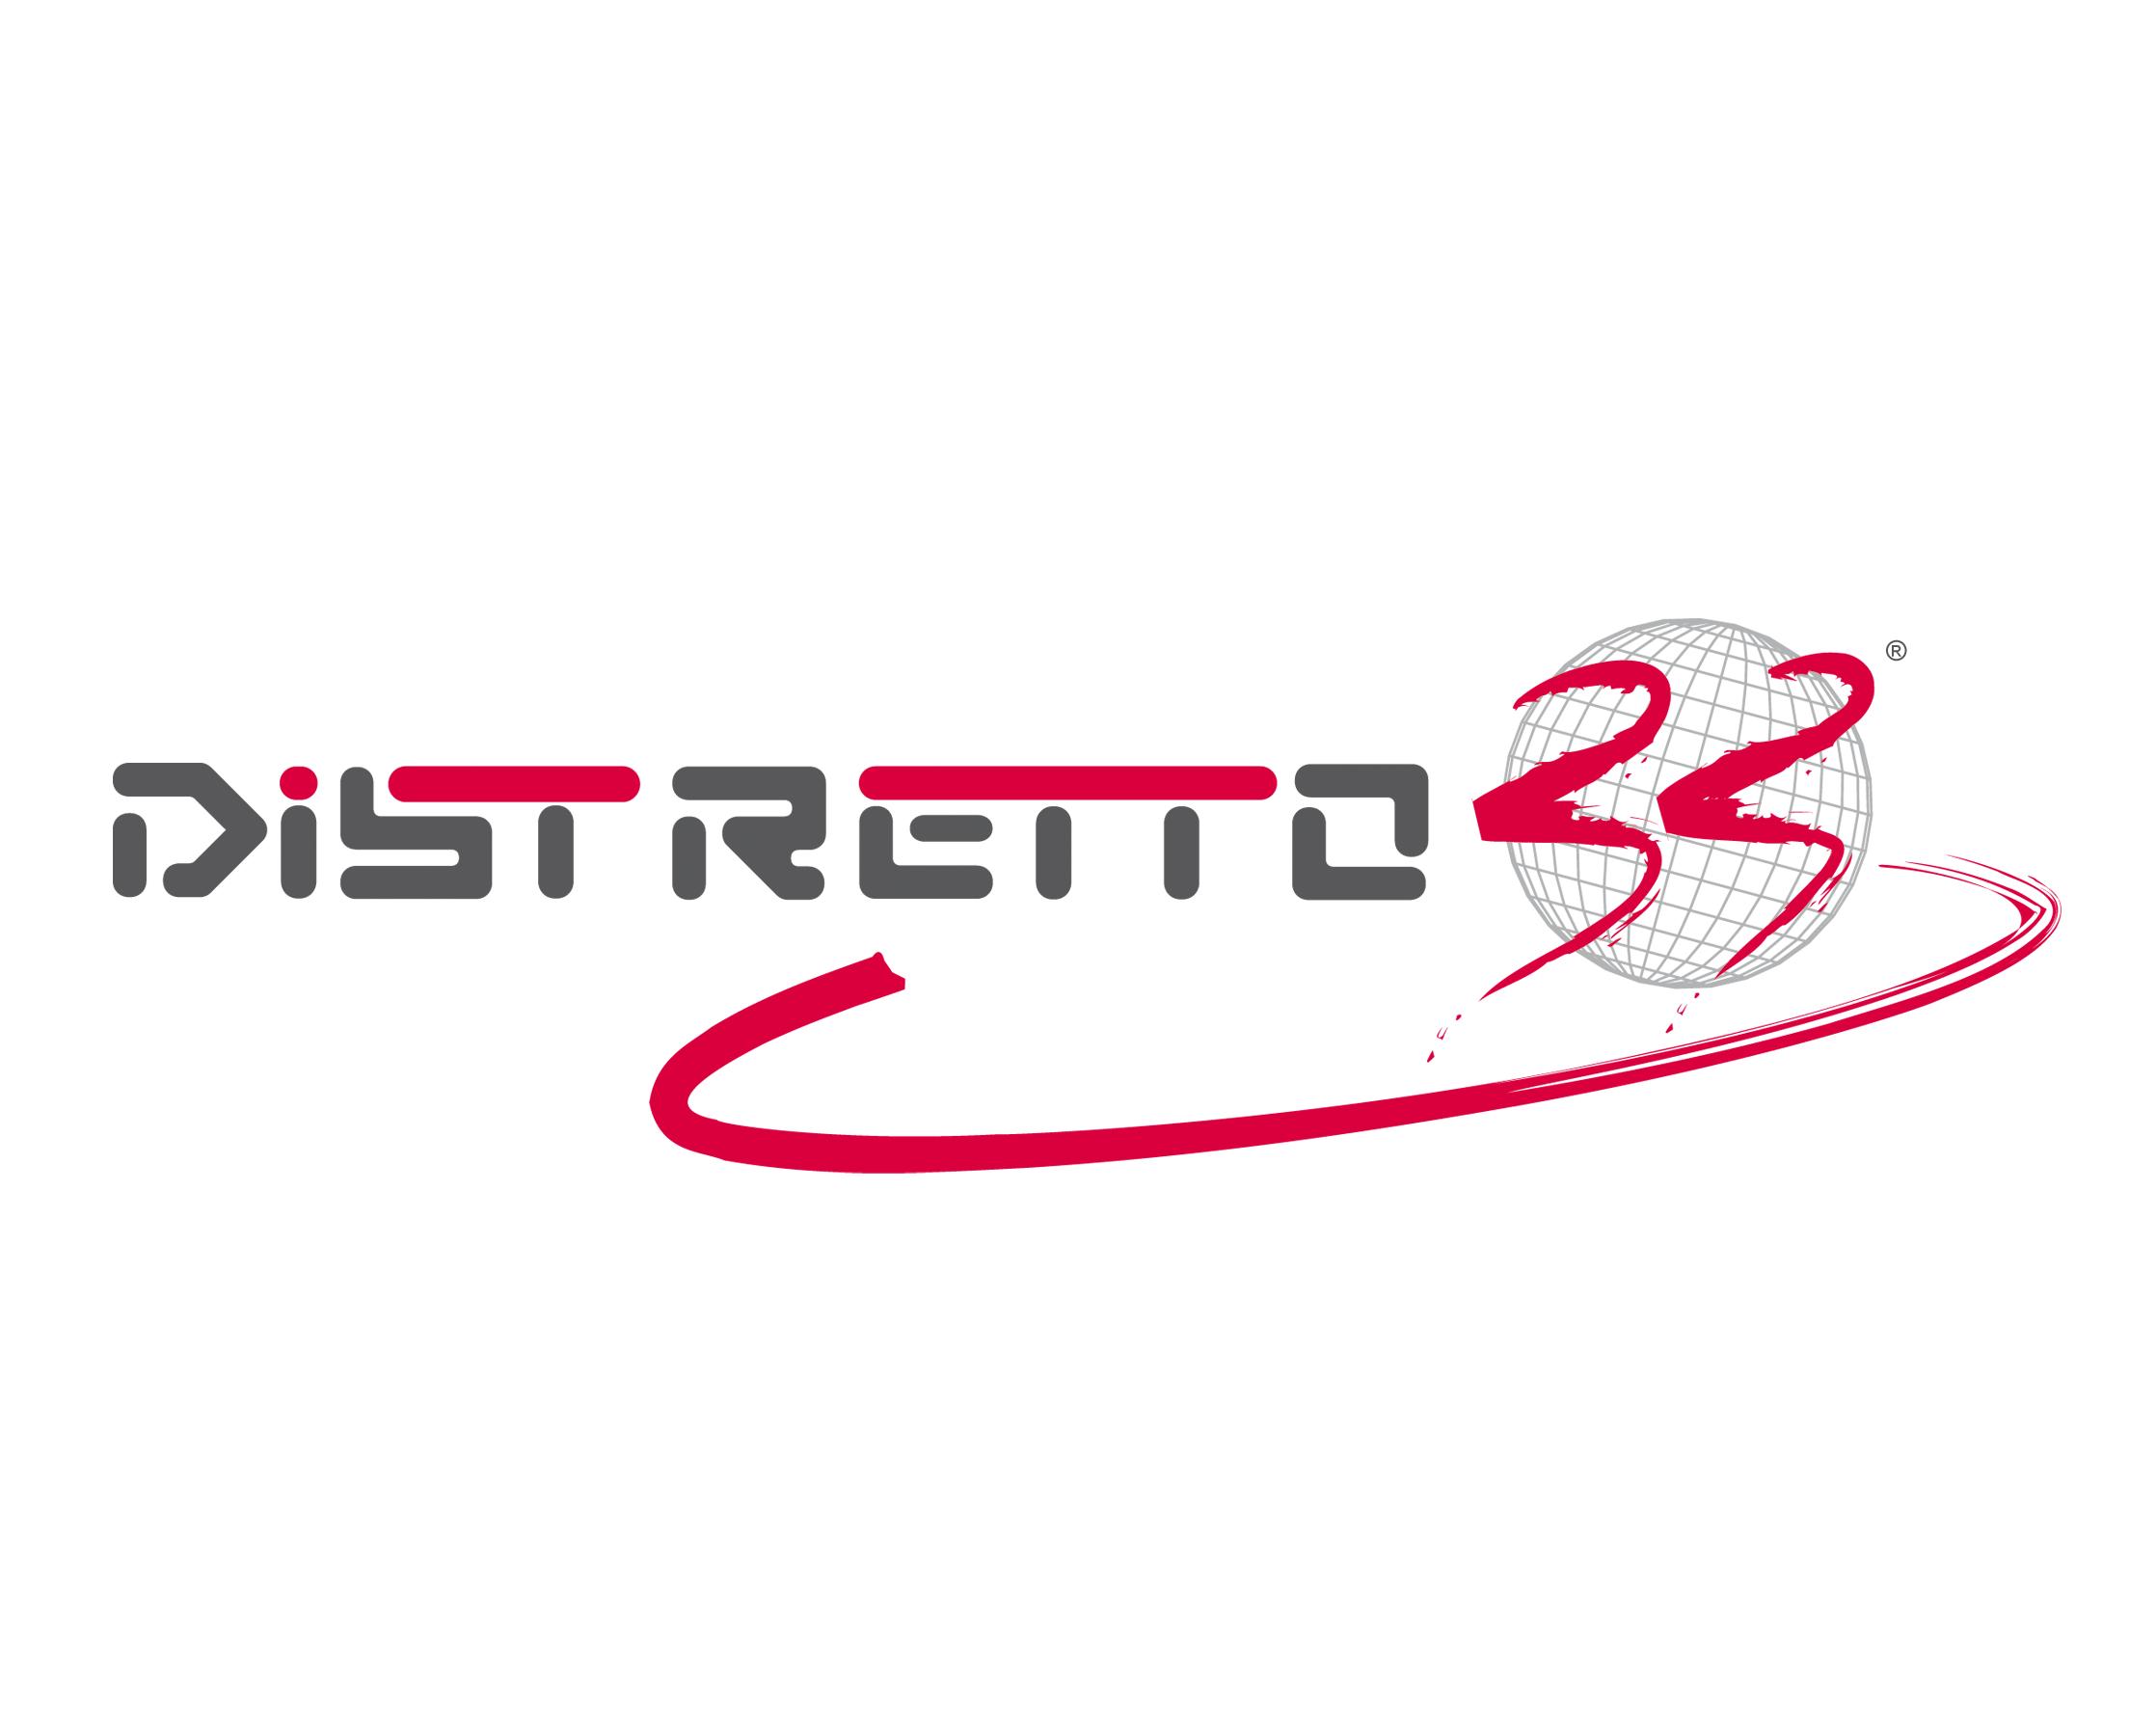 Distretto33